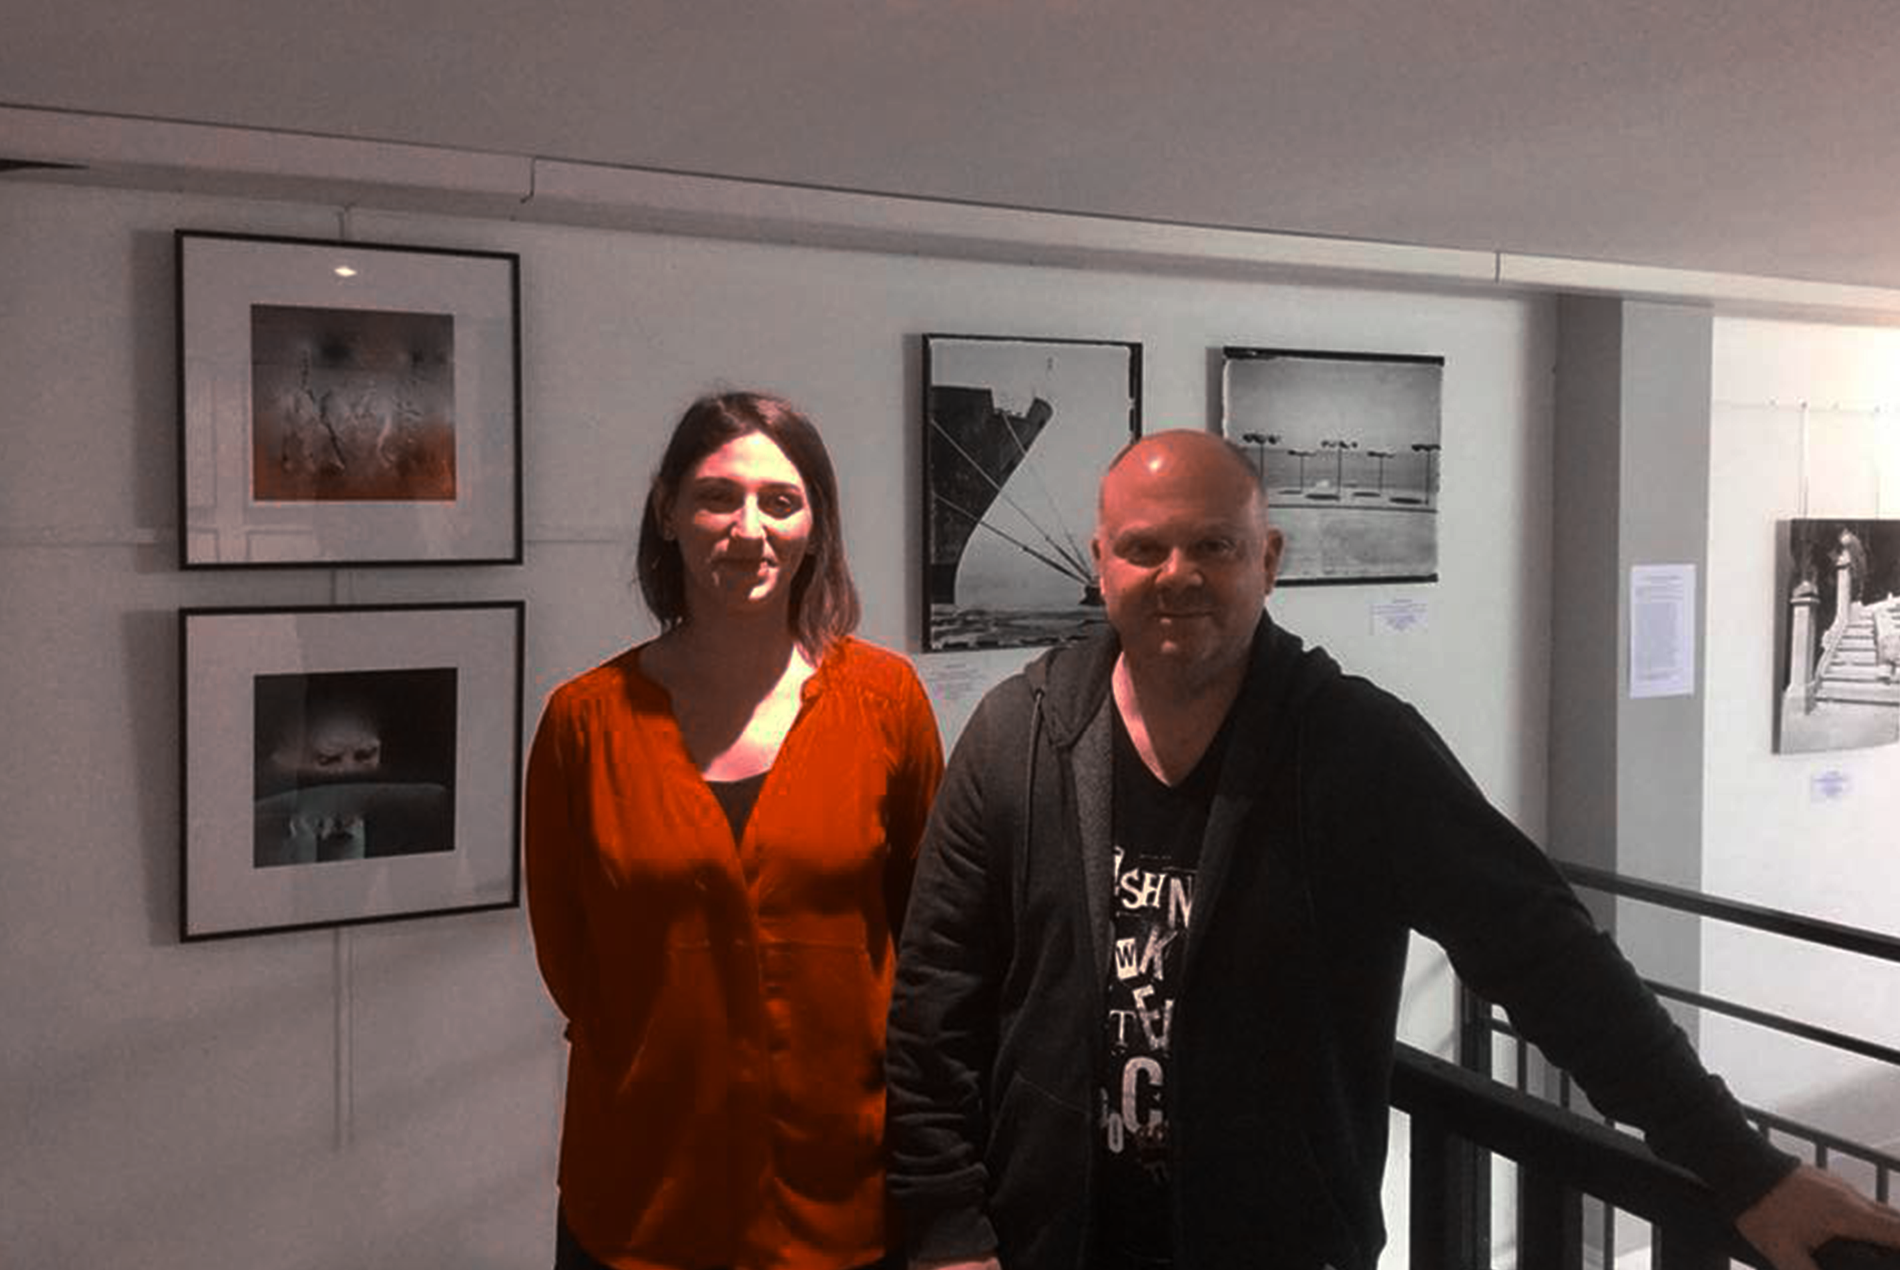 Collaborateurs de La galerie d'art ESDAC sur Aix-en-Provence